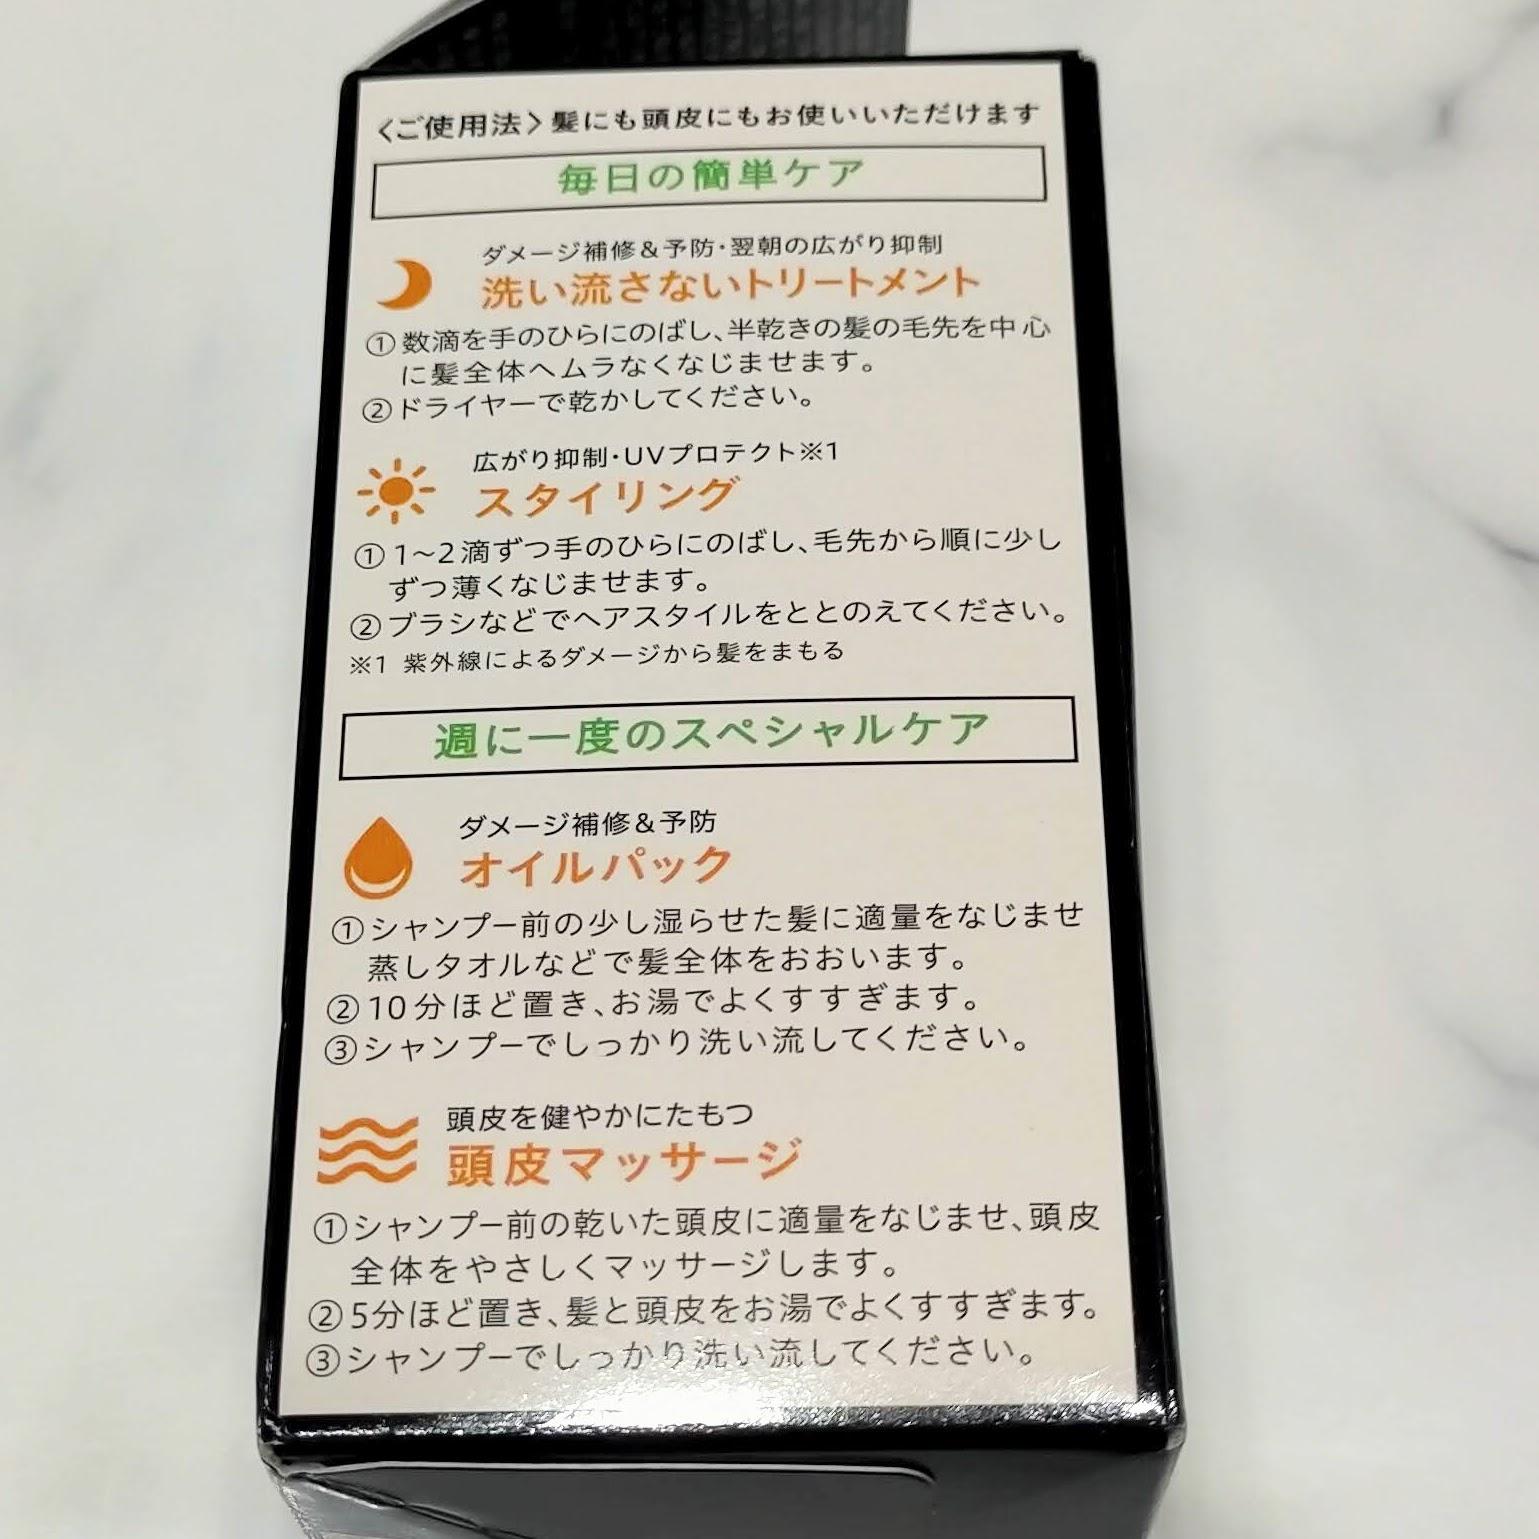 ゆず油 ヘアオイルの良い点・メリットに関するむぅさんの口コミ画像2